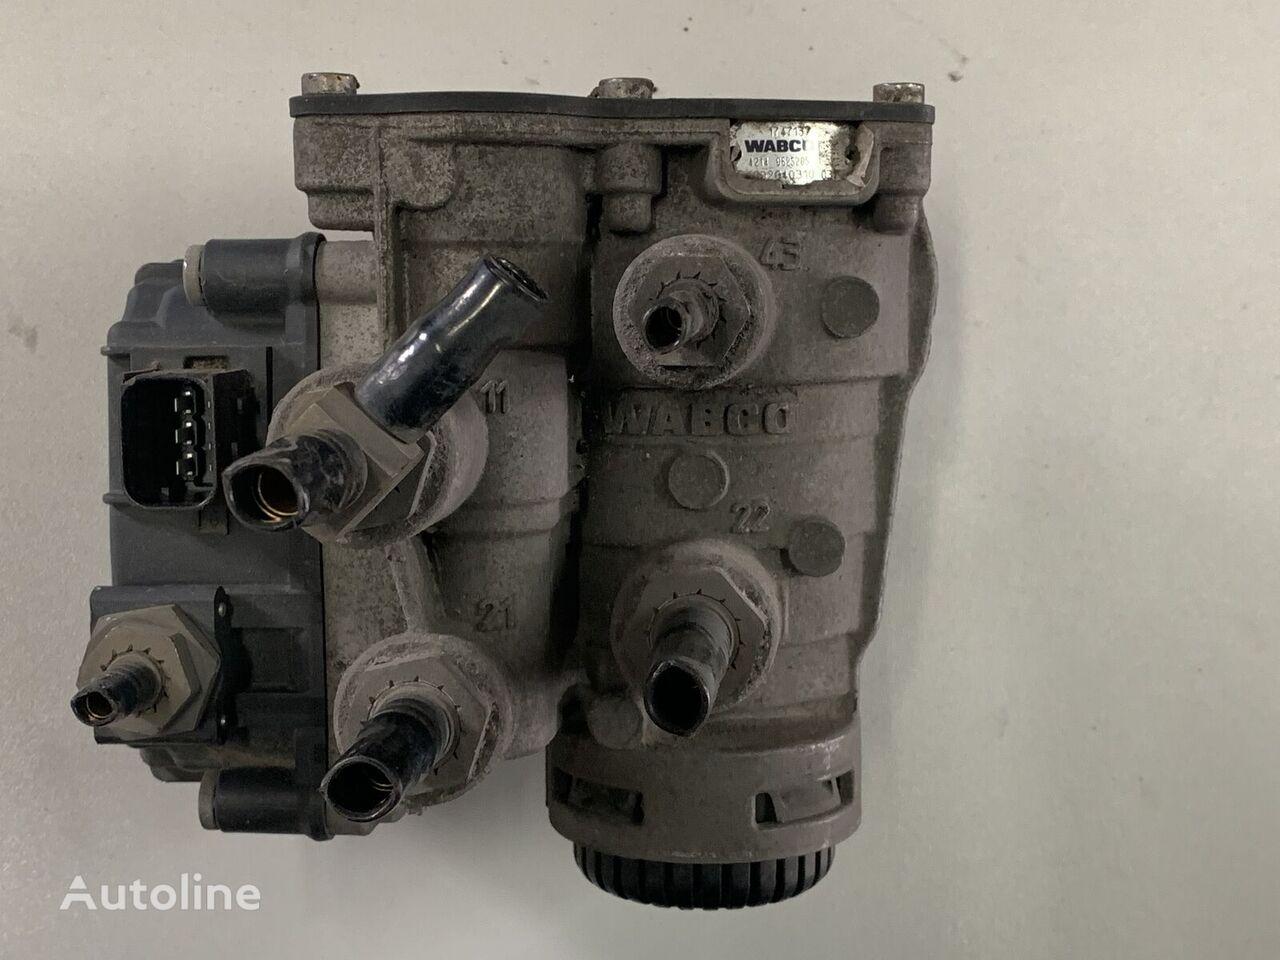 WABCO DAF XF 106 sterowanie naczepą pneumatic valve for DAF XF 106 tractor unit